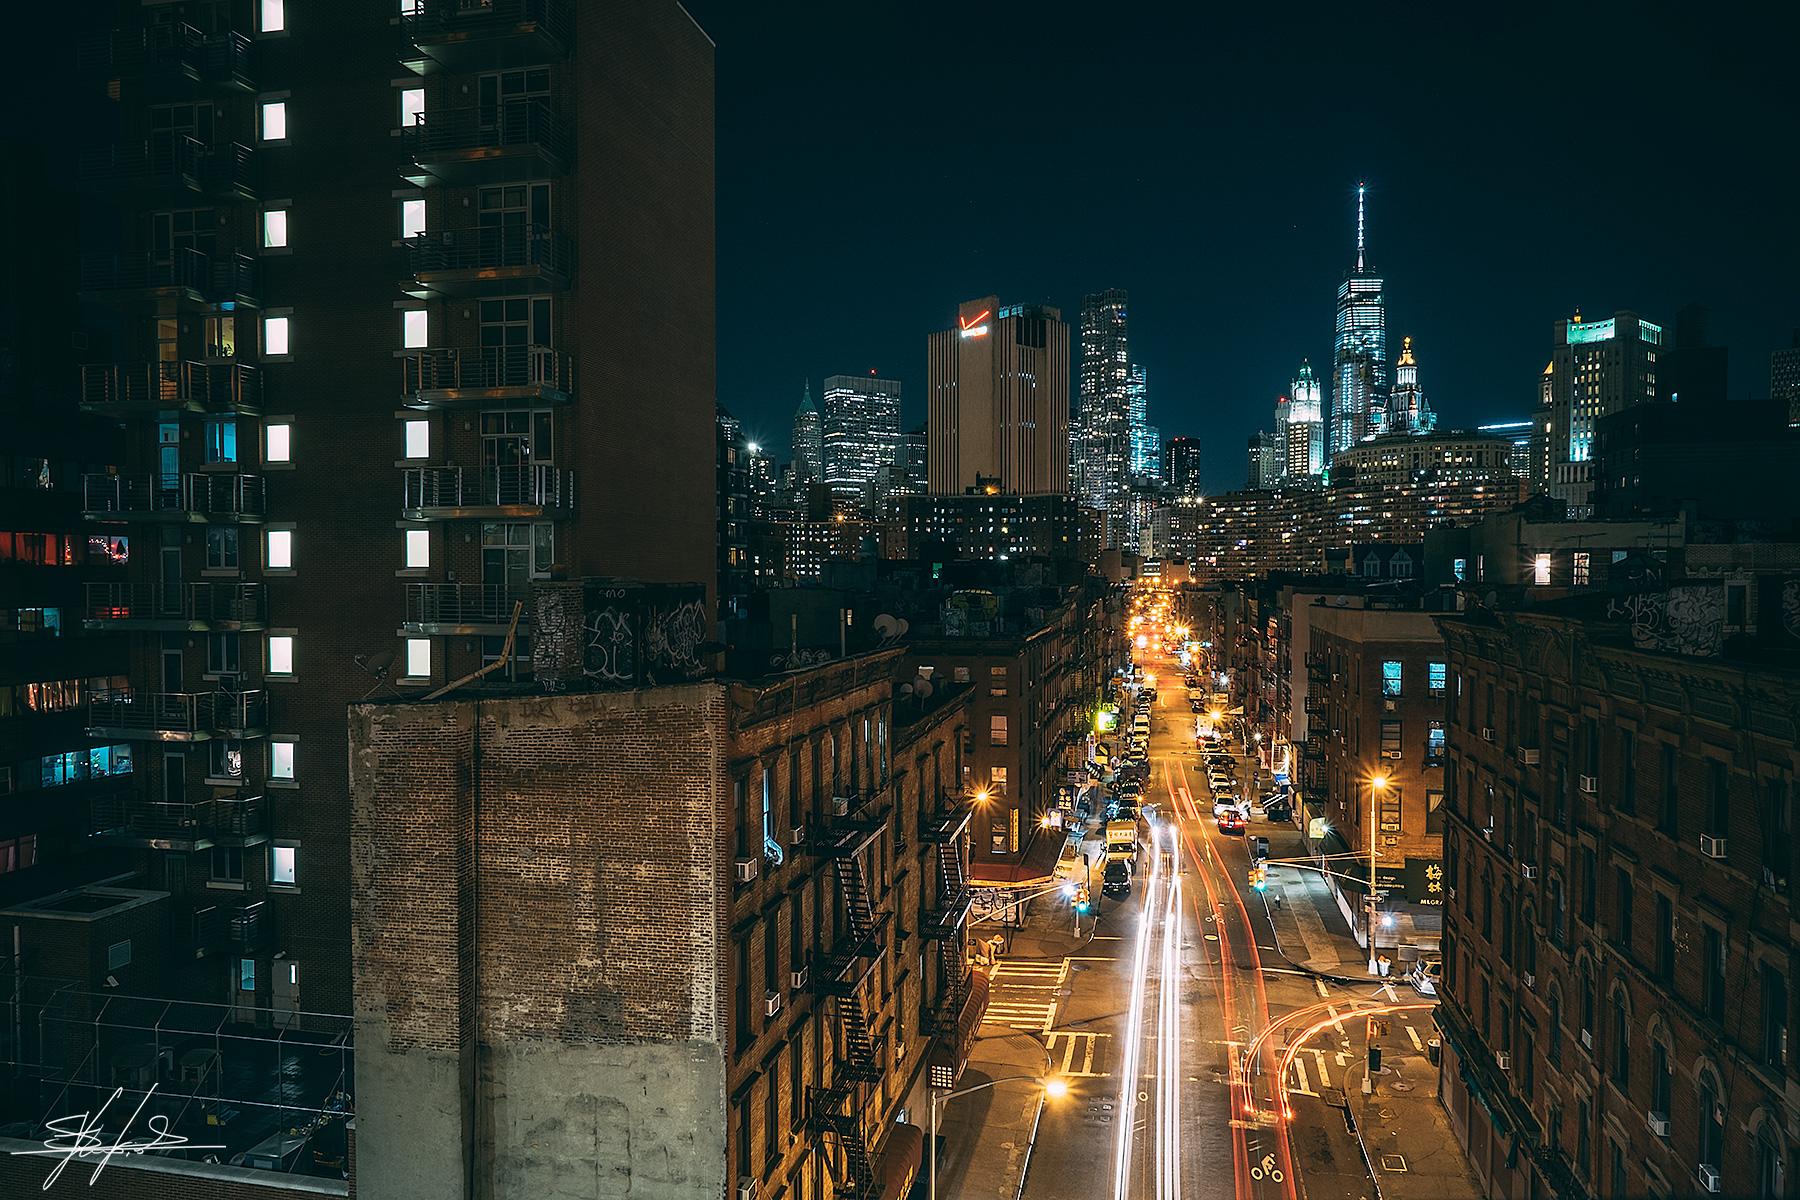 The City awaits